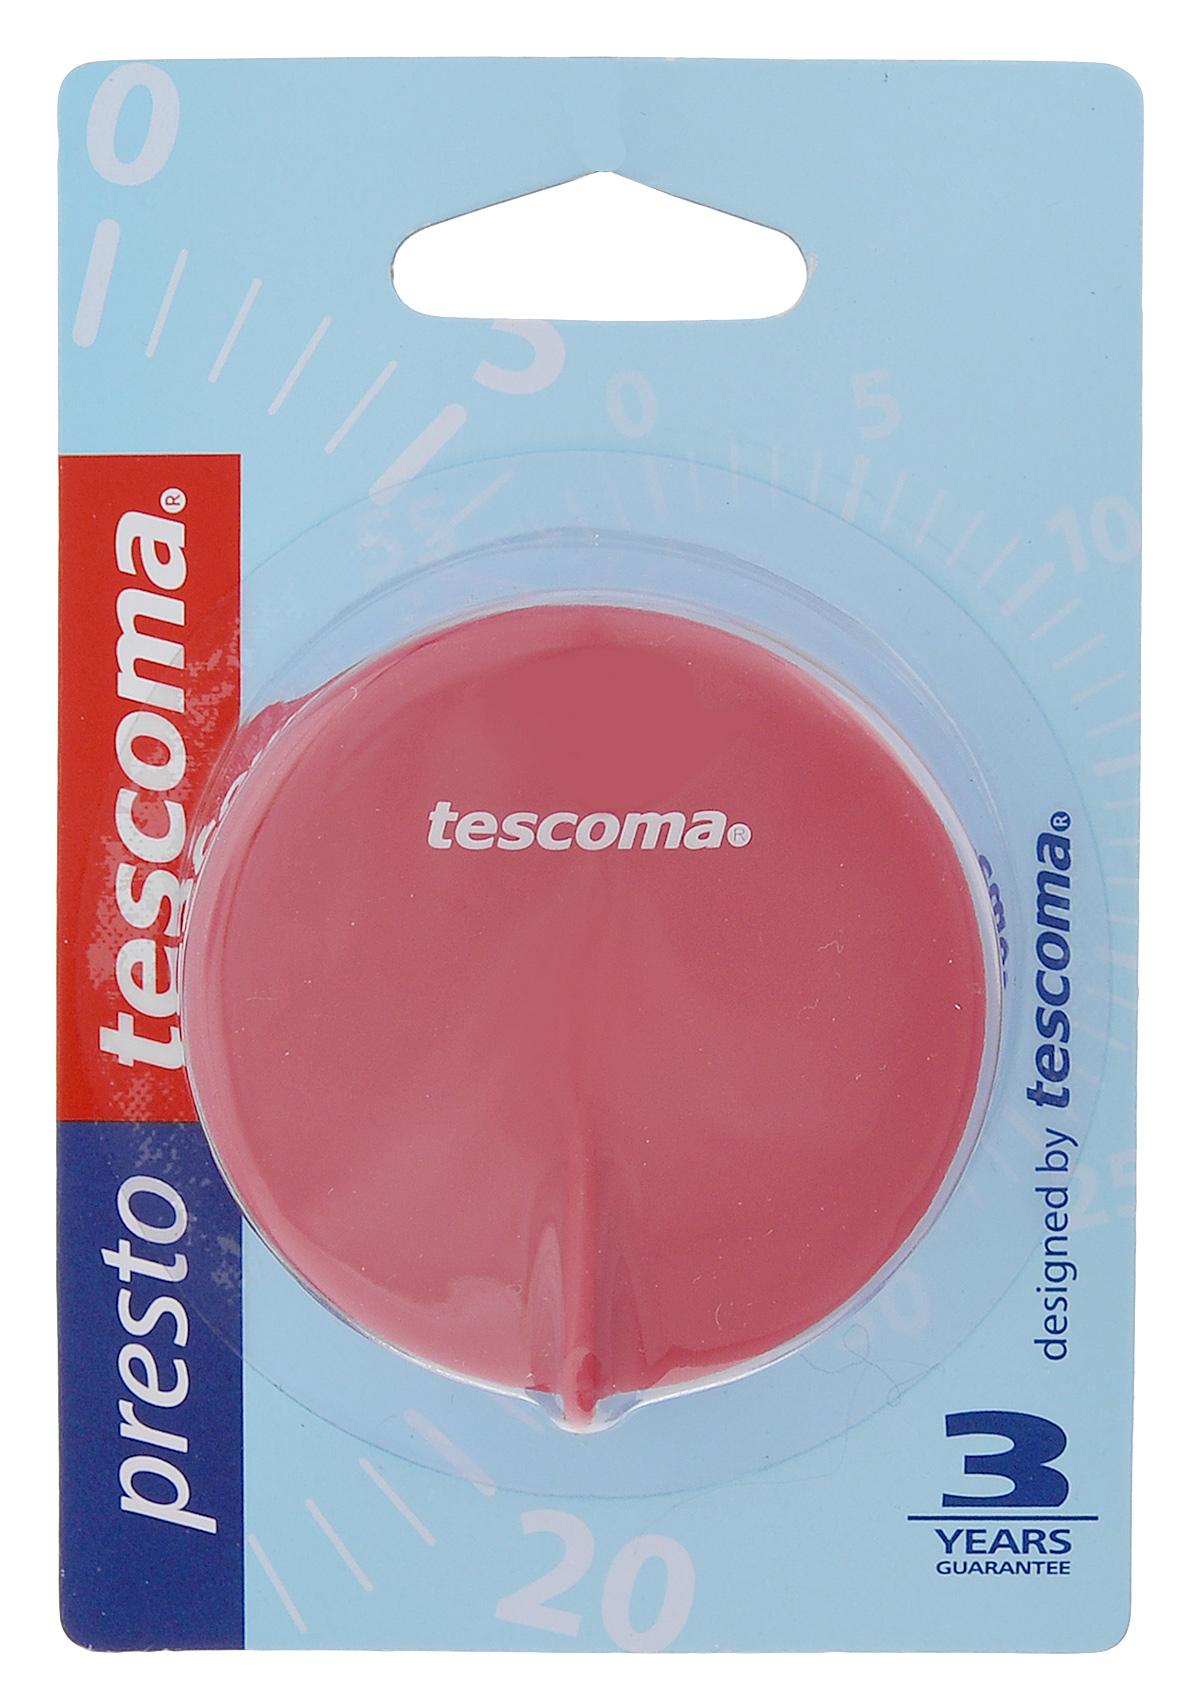 Таймер кухонный Tescoma Presto, цвет: малиновый, белый, на 60 мин636070_малиновый, белыйКухонный таймер Tescoma Presto изготовлен из цветного пластика. Максимальное время, на которое вы можете поставить таймер, составляет 60 минут. После того, как время истечет, таймер громко зазвенит. Изделие оснащено магнитом для удобного размещения в кухне. Оригинальный дизайн таймера украсит интерьер любой современной кухни, и теперь вы сможете без труда вскипятить молоко, отварить пельмени или вовремя вынуть из духовки аппетитный пирог. Общий размер таймера: 5,5 см х 5,7 см х 4 см.